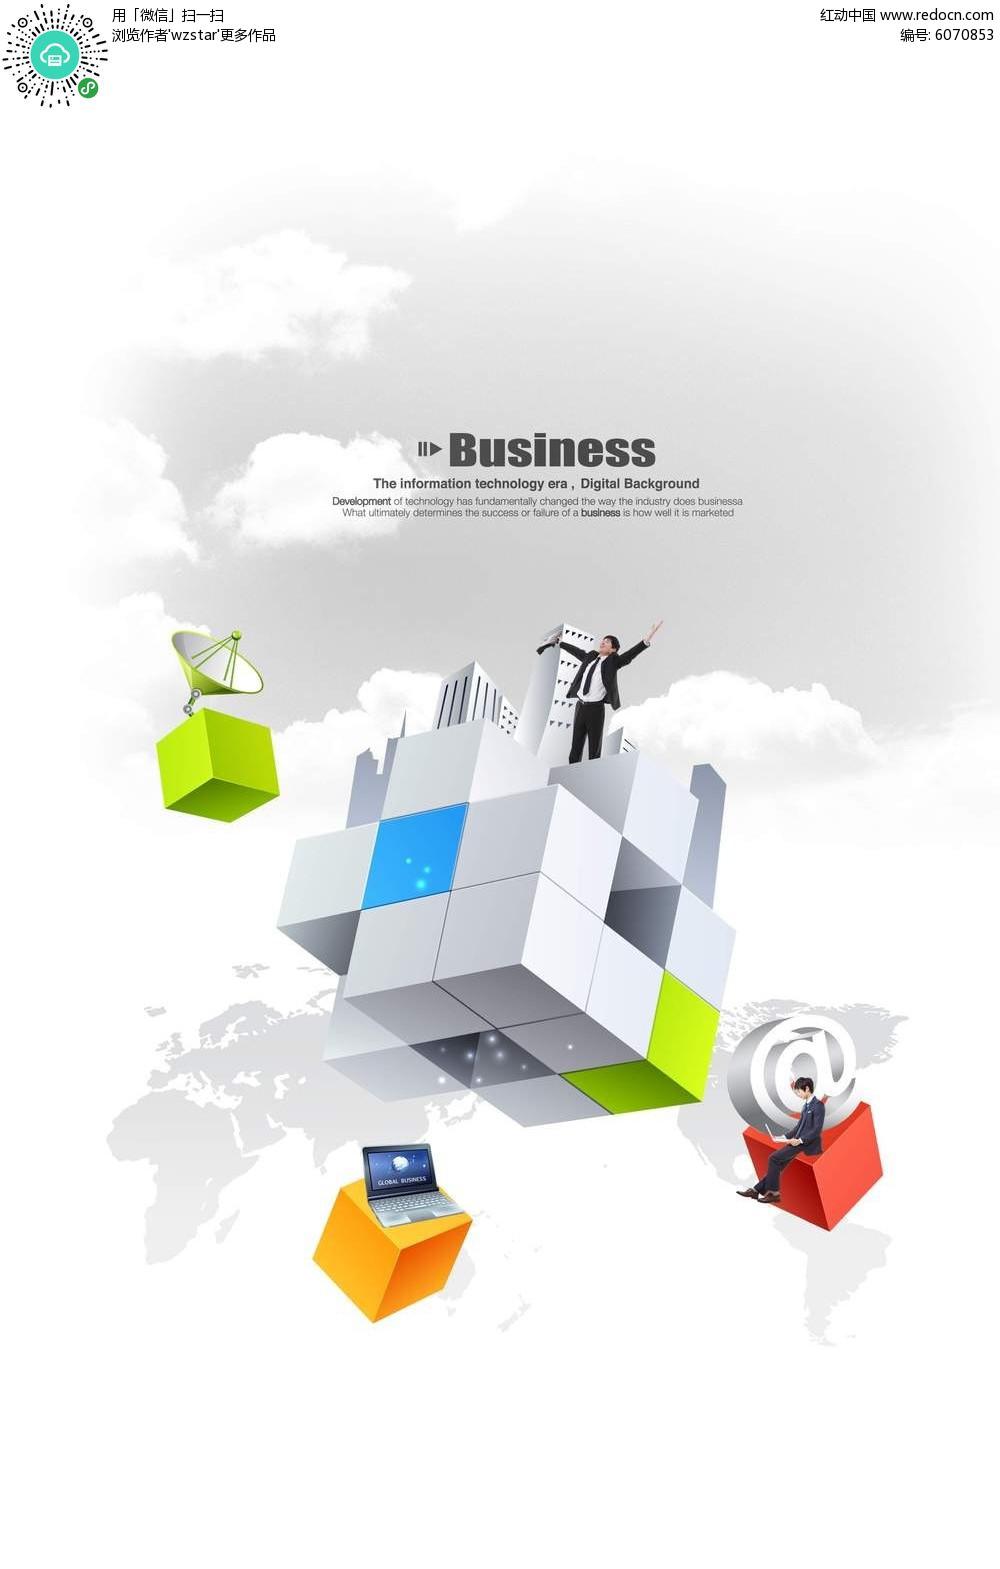 魔方商务信息海报背景素材图片